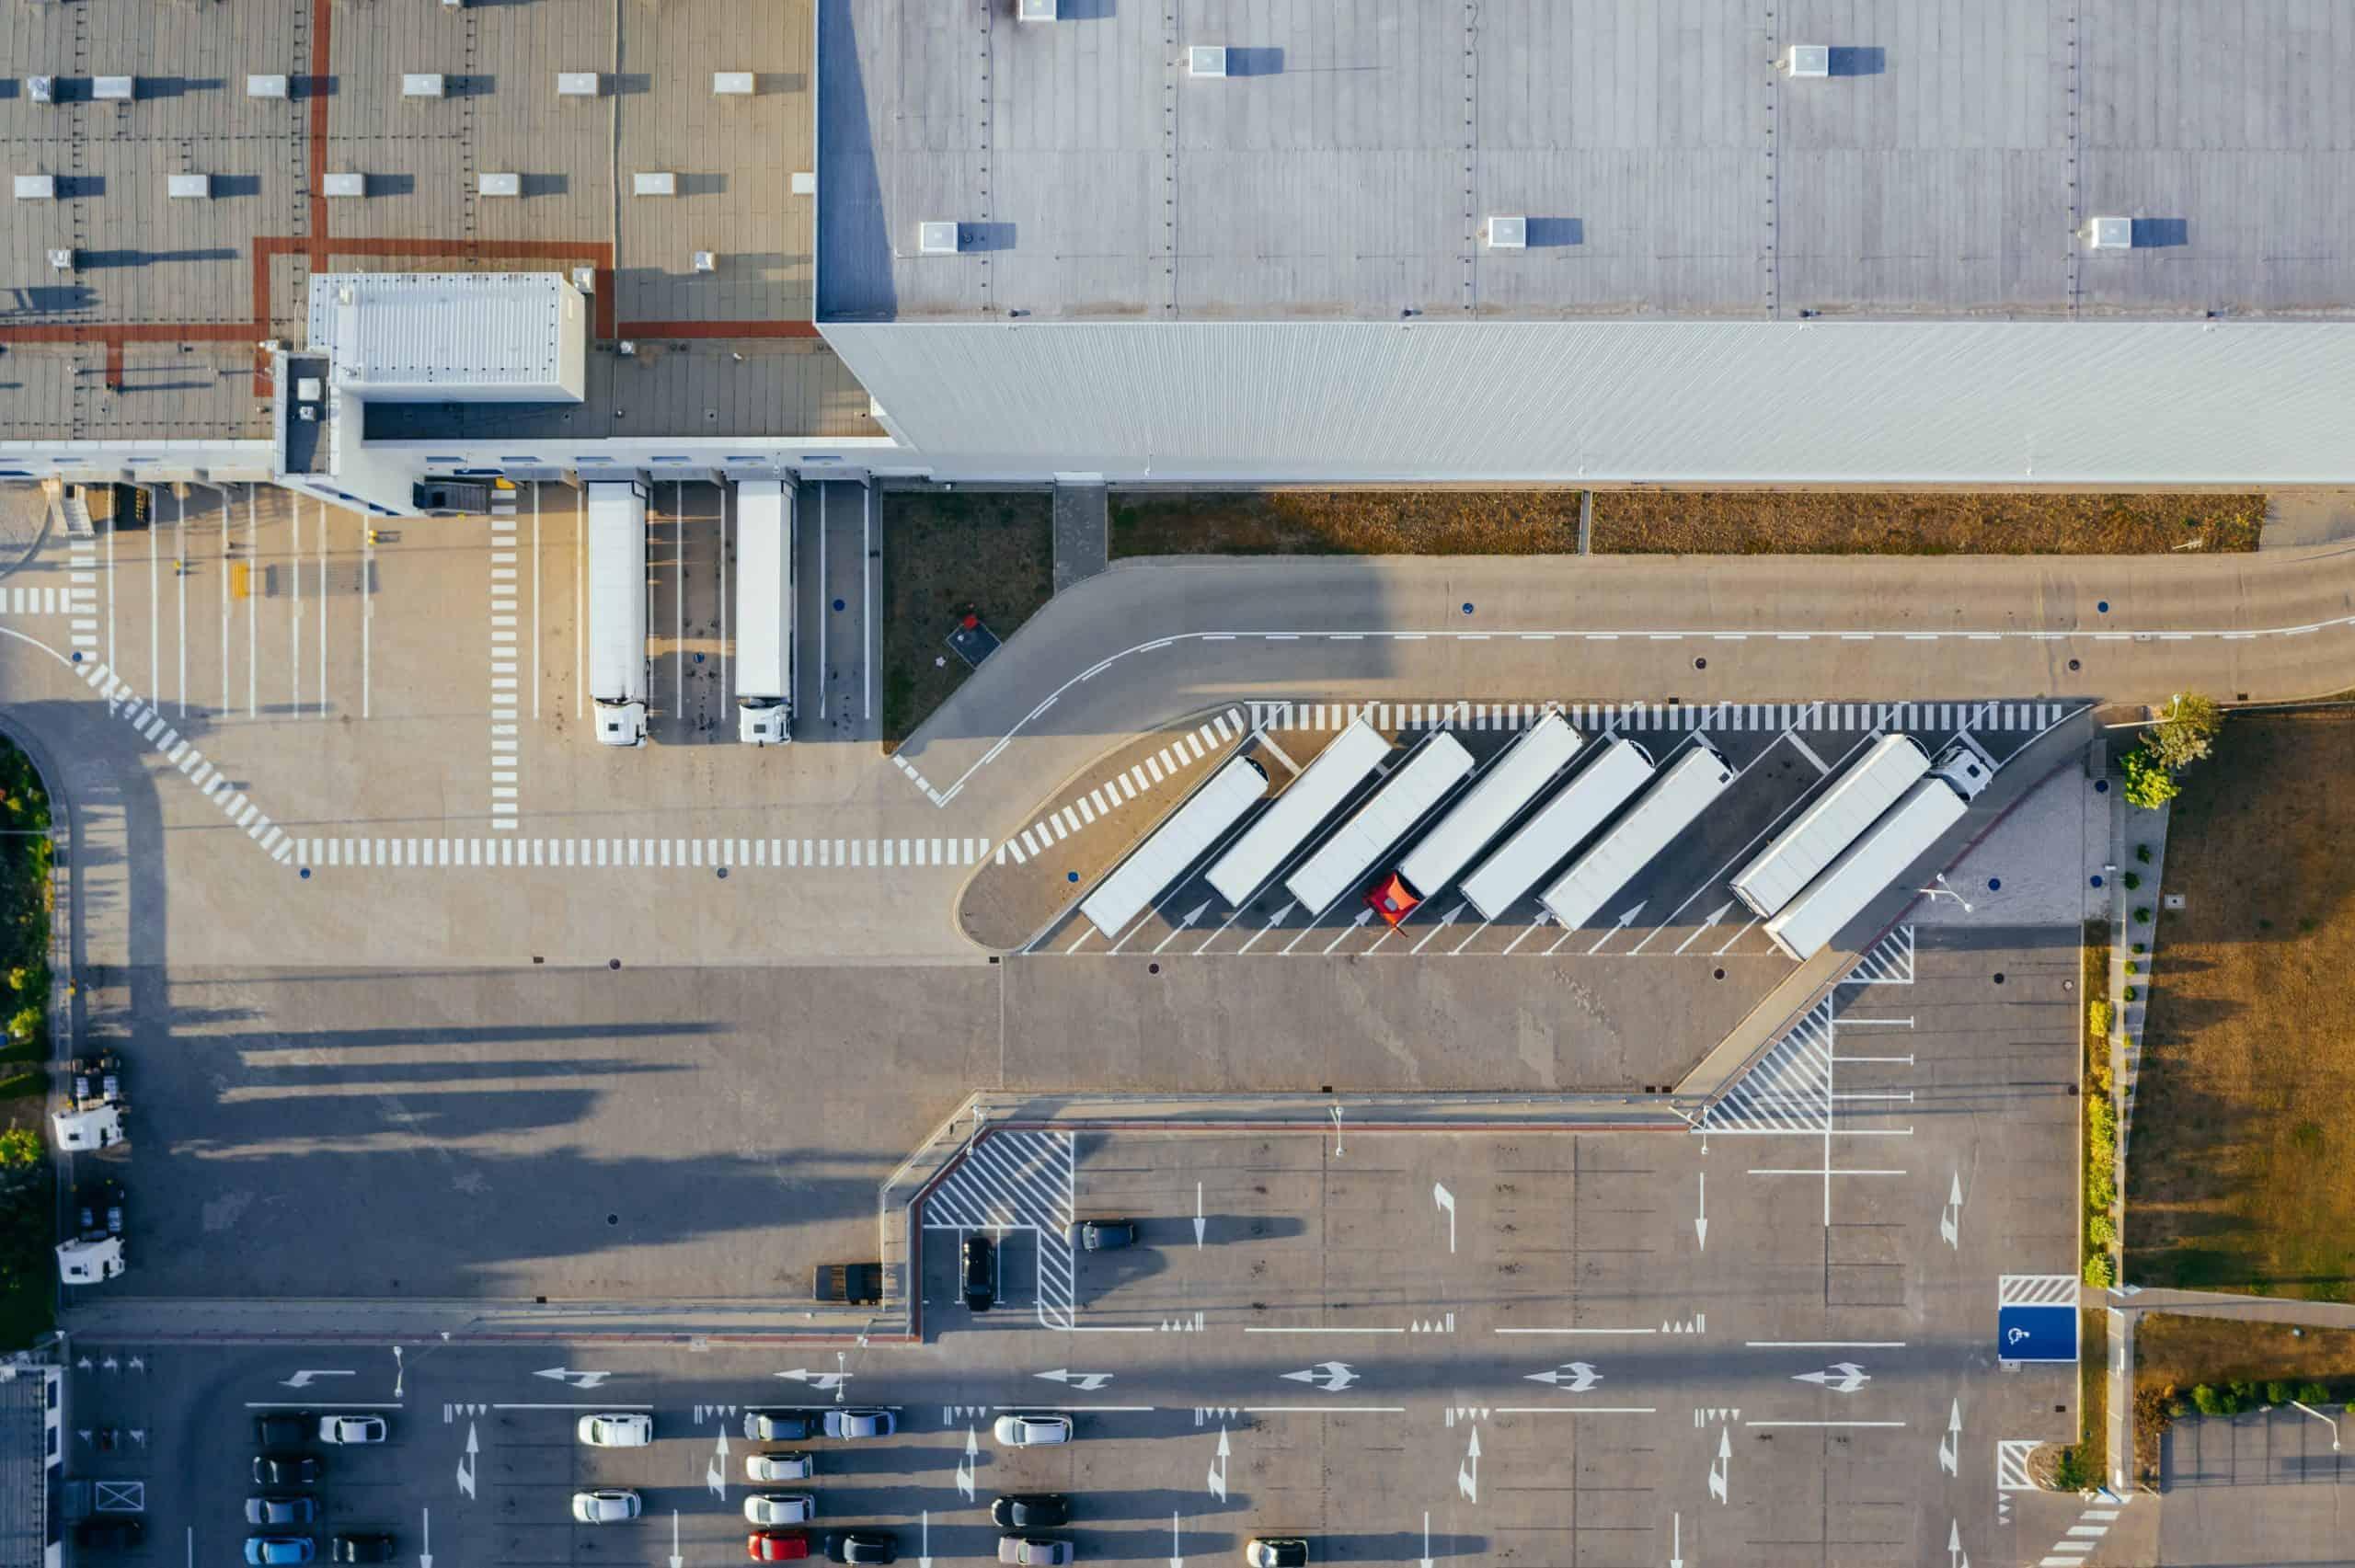 Logistikunternehmen aus Baden-Württemberg gewinnt Auftrag in Österreich